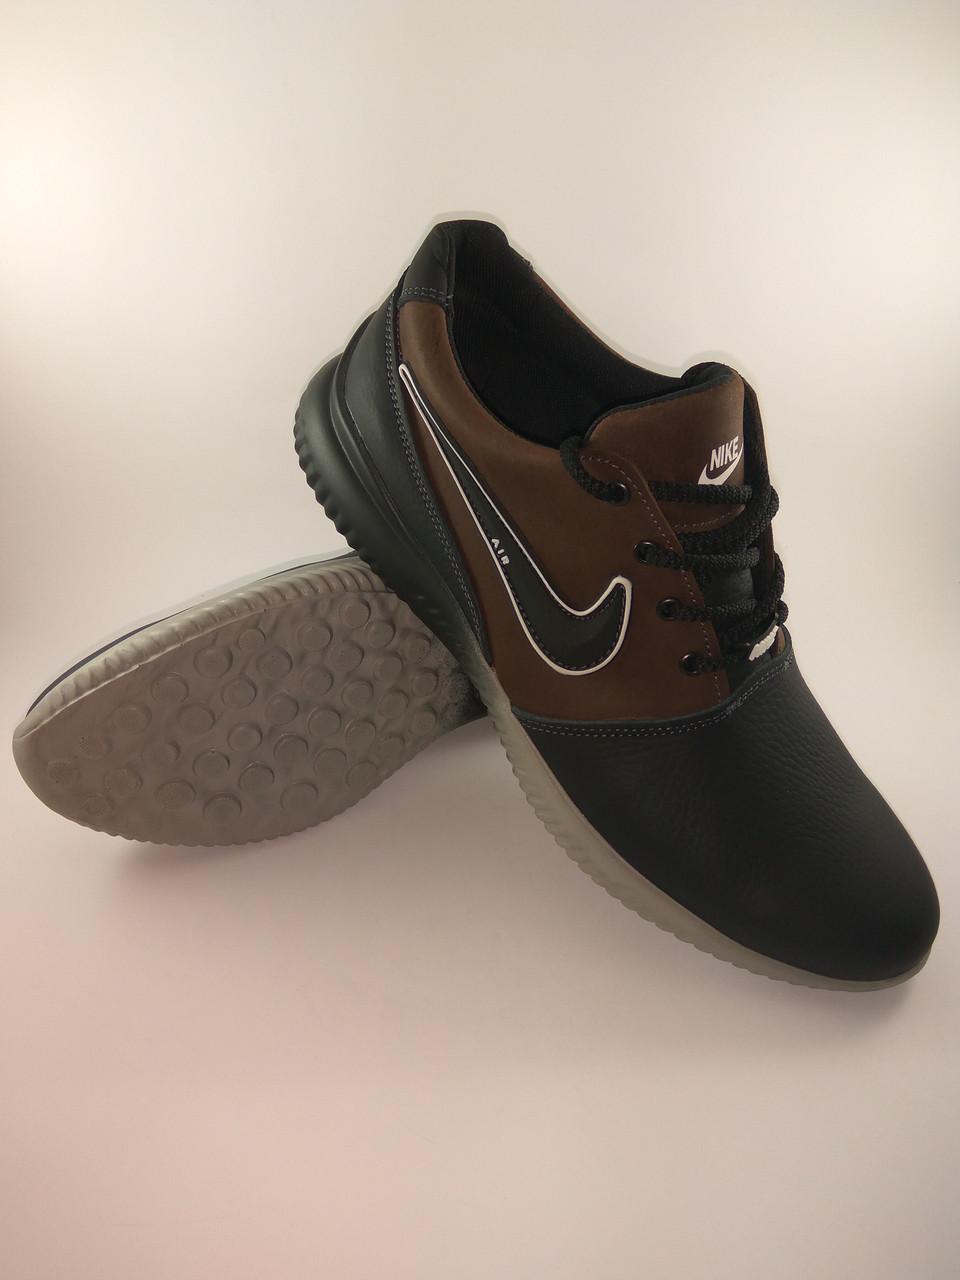 1b221586 Nike Air кроссовки мужские 41 Размер реплика из натуральной кожи чёрный с  коричневым